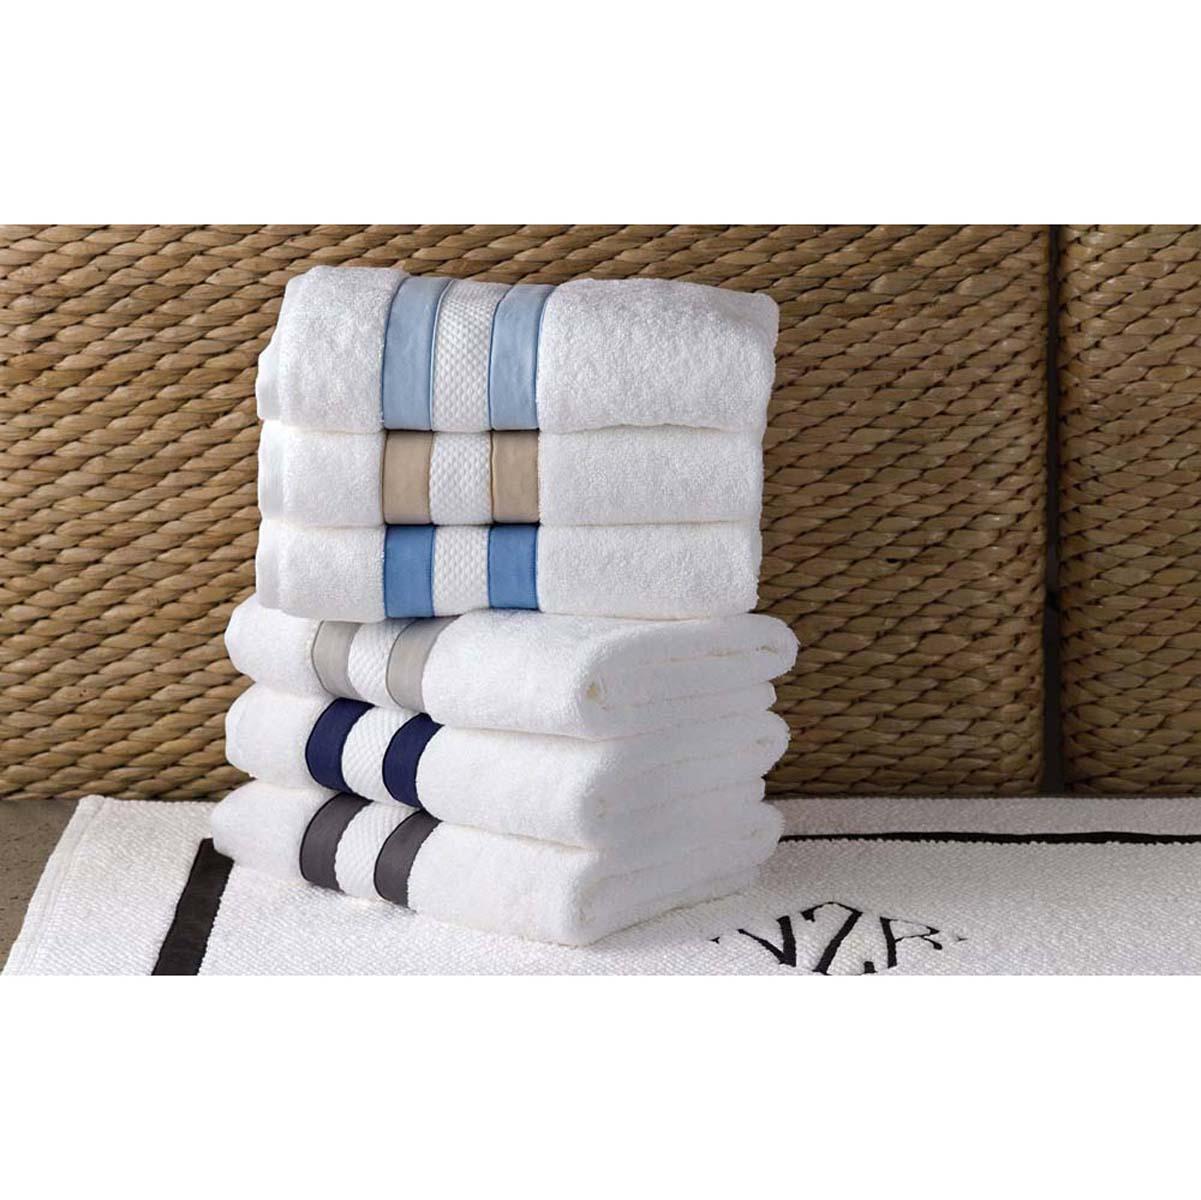 matouk - marlowe luxury bath rug